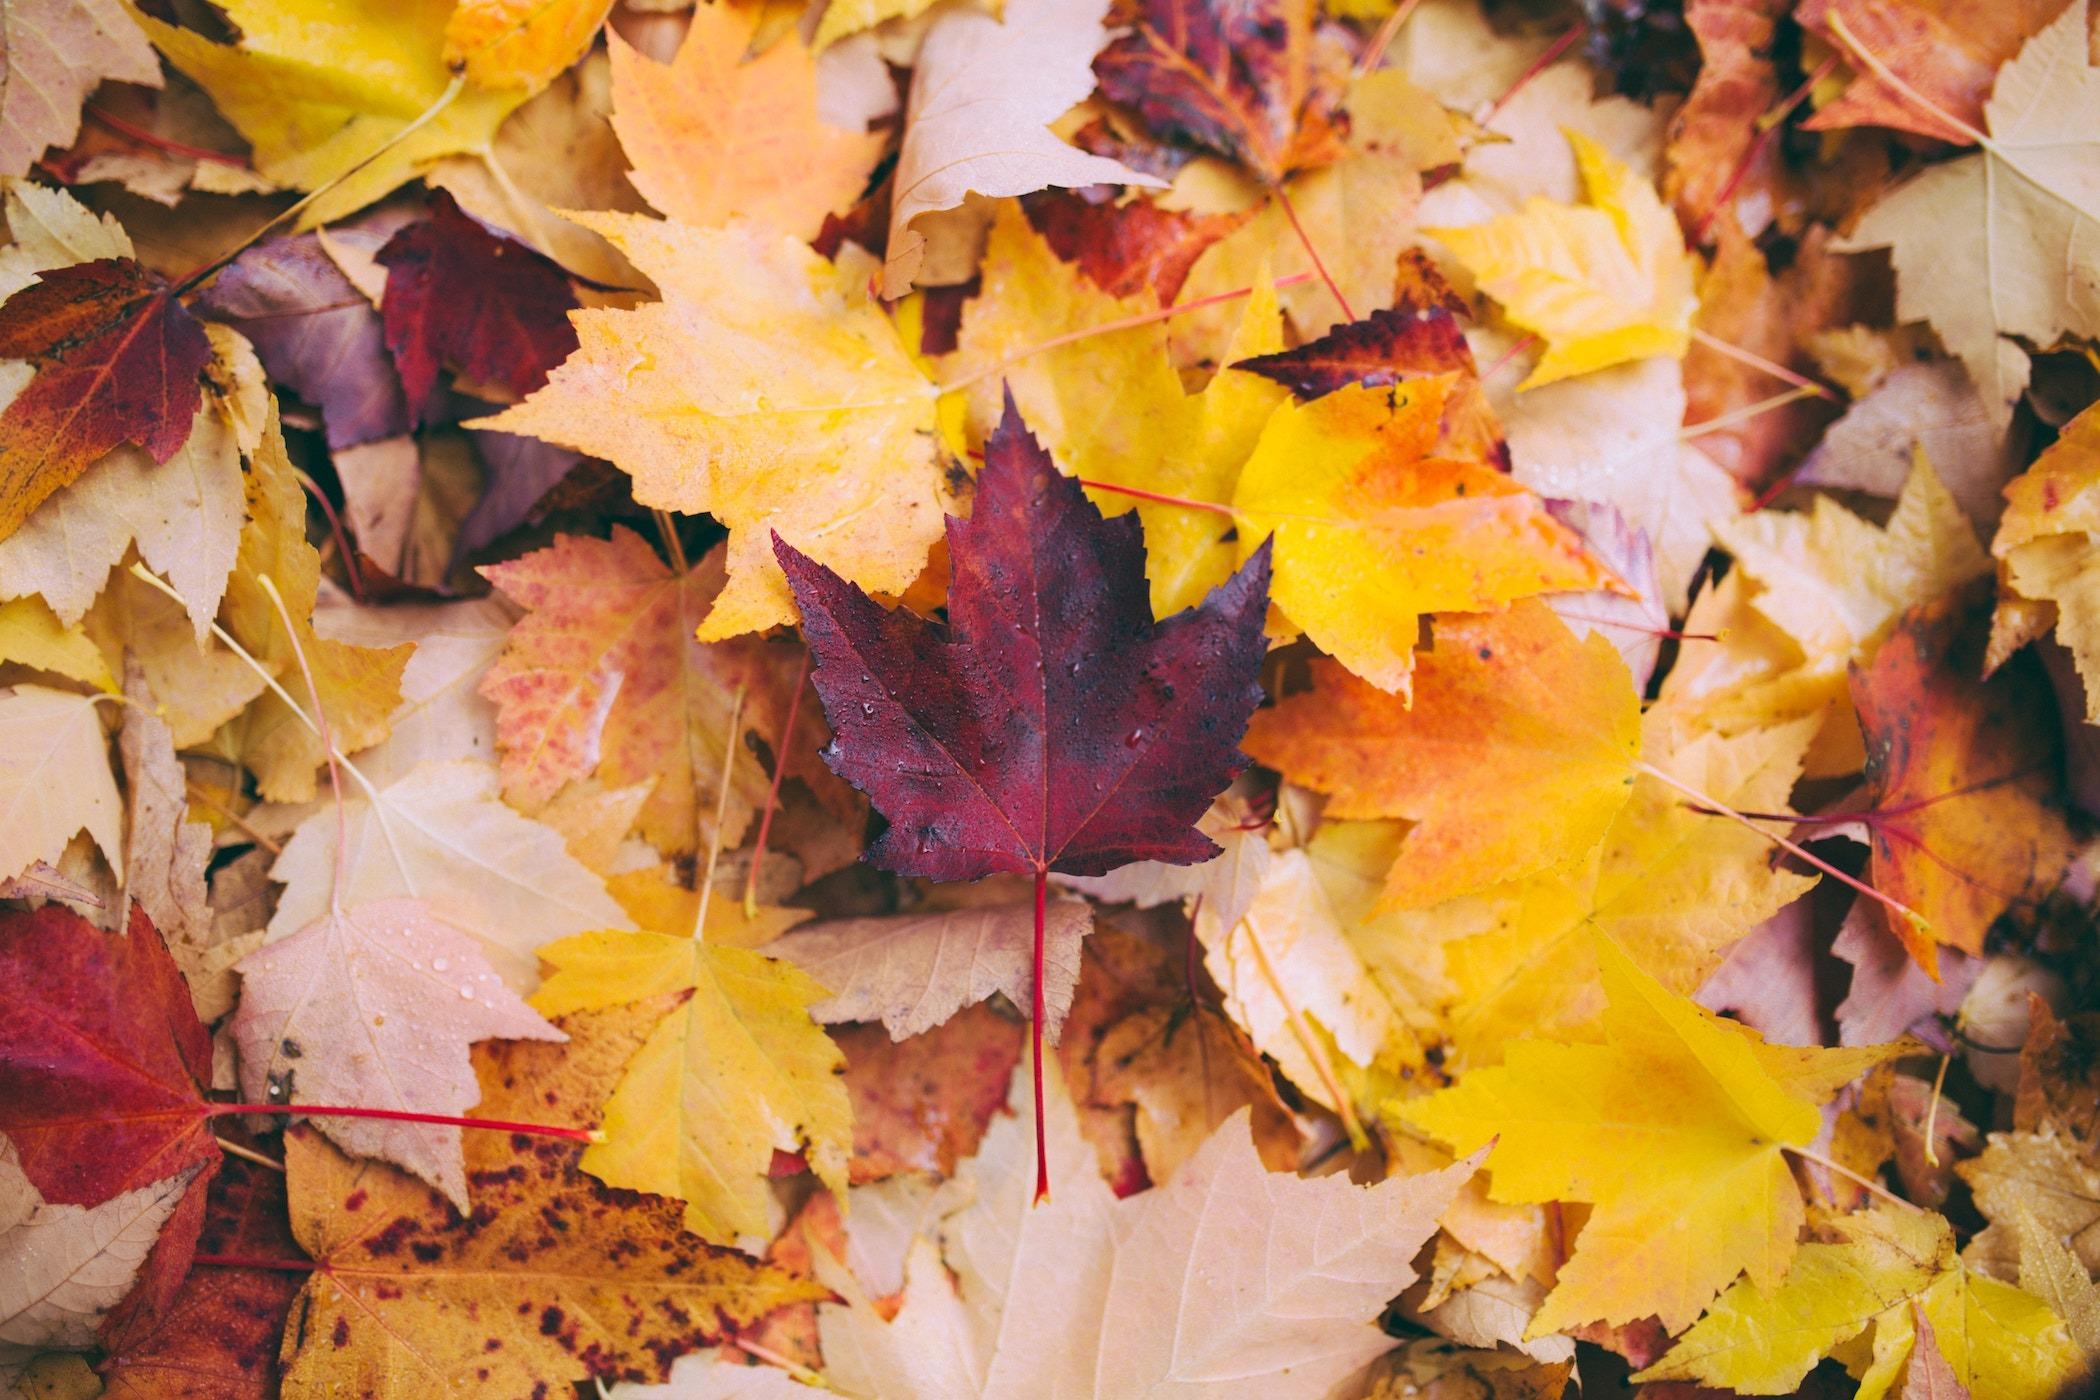 Faut Il Couper Les Lys Après Floraison comment fermer son terrain ? 10 erreurs les plus fréquentes